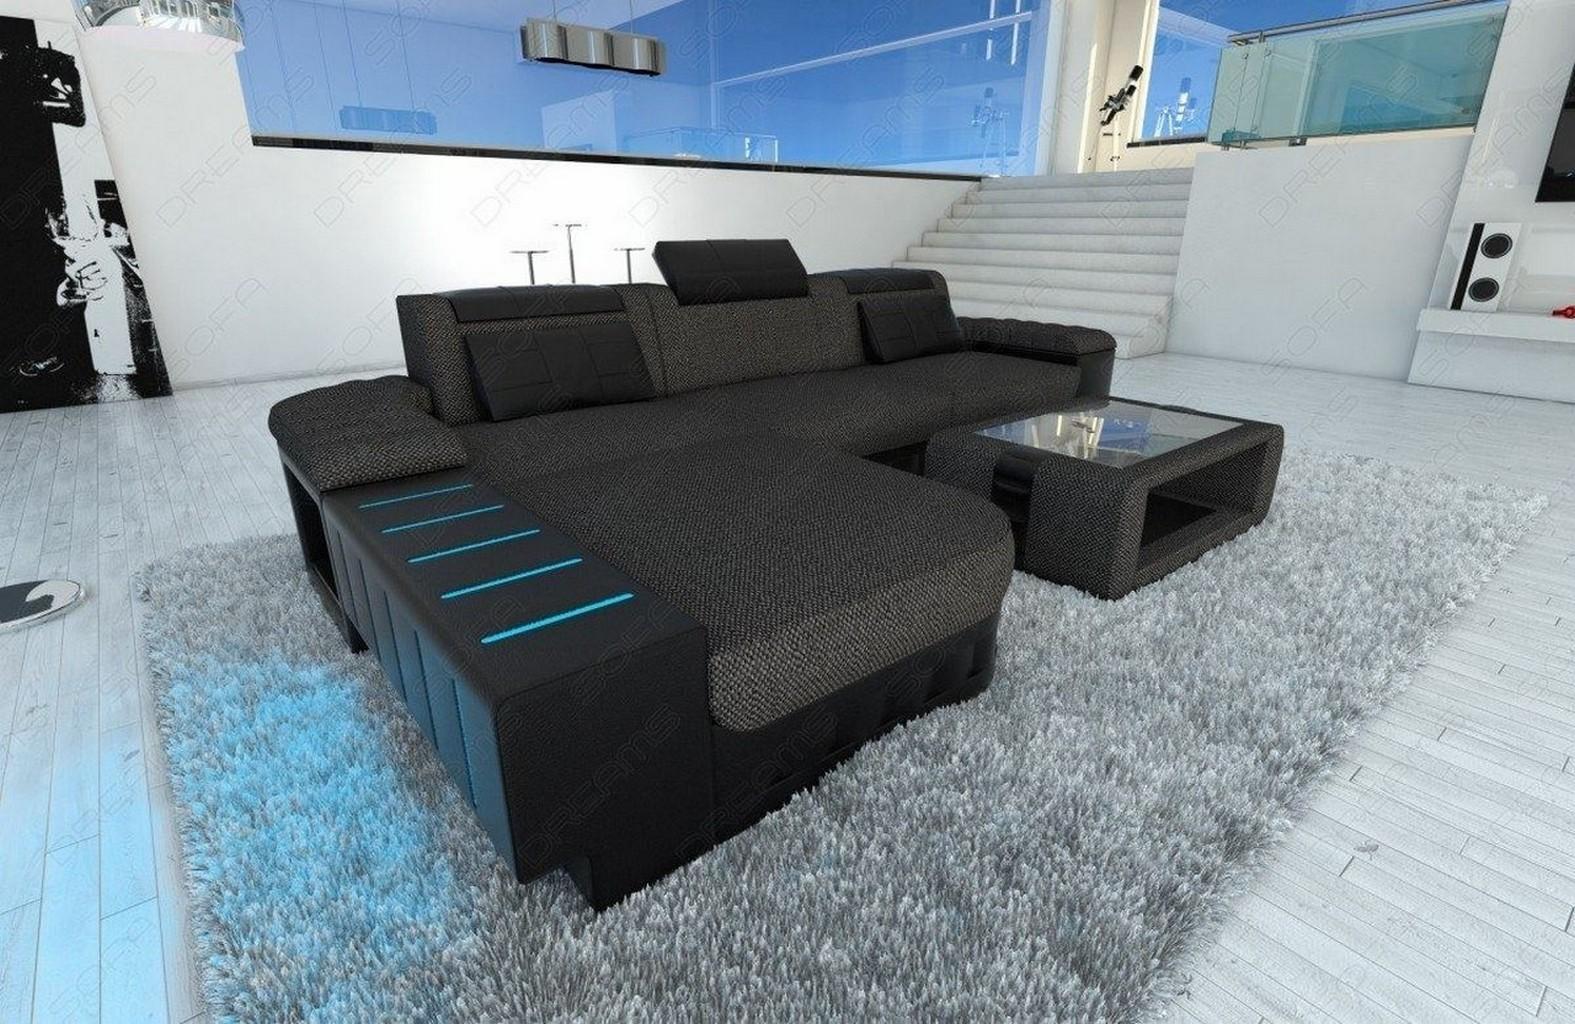 Fabric Sofa BELLAGIO L Shaped With LED Half Leather